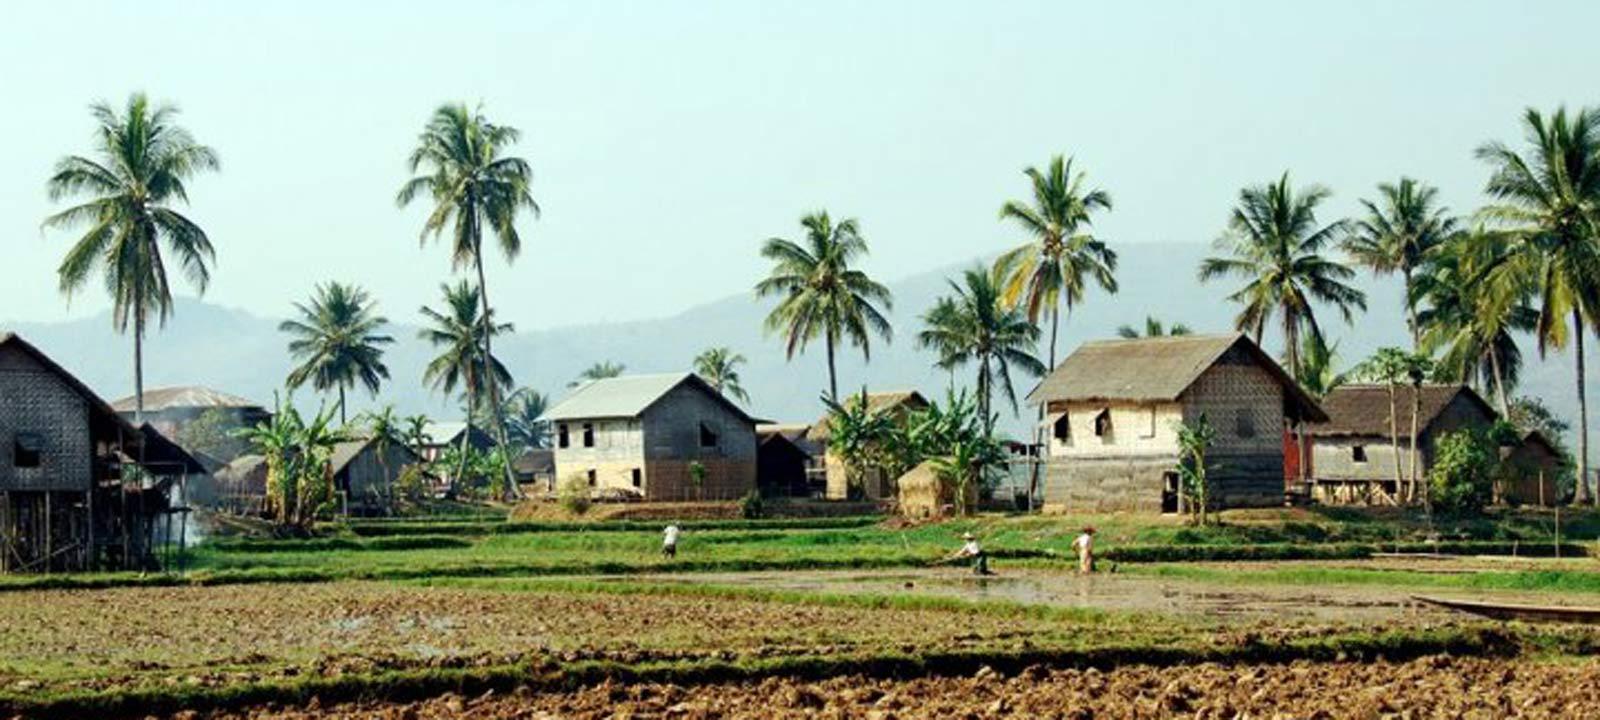 Quand partir au Myanmar ?